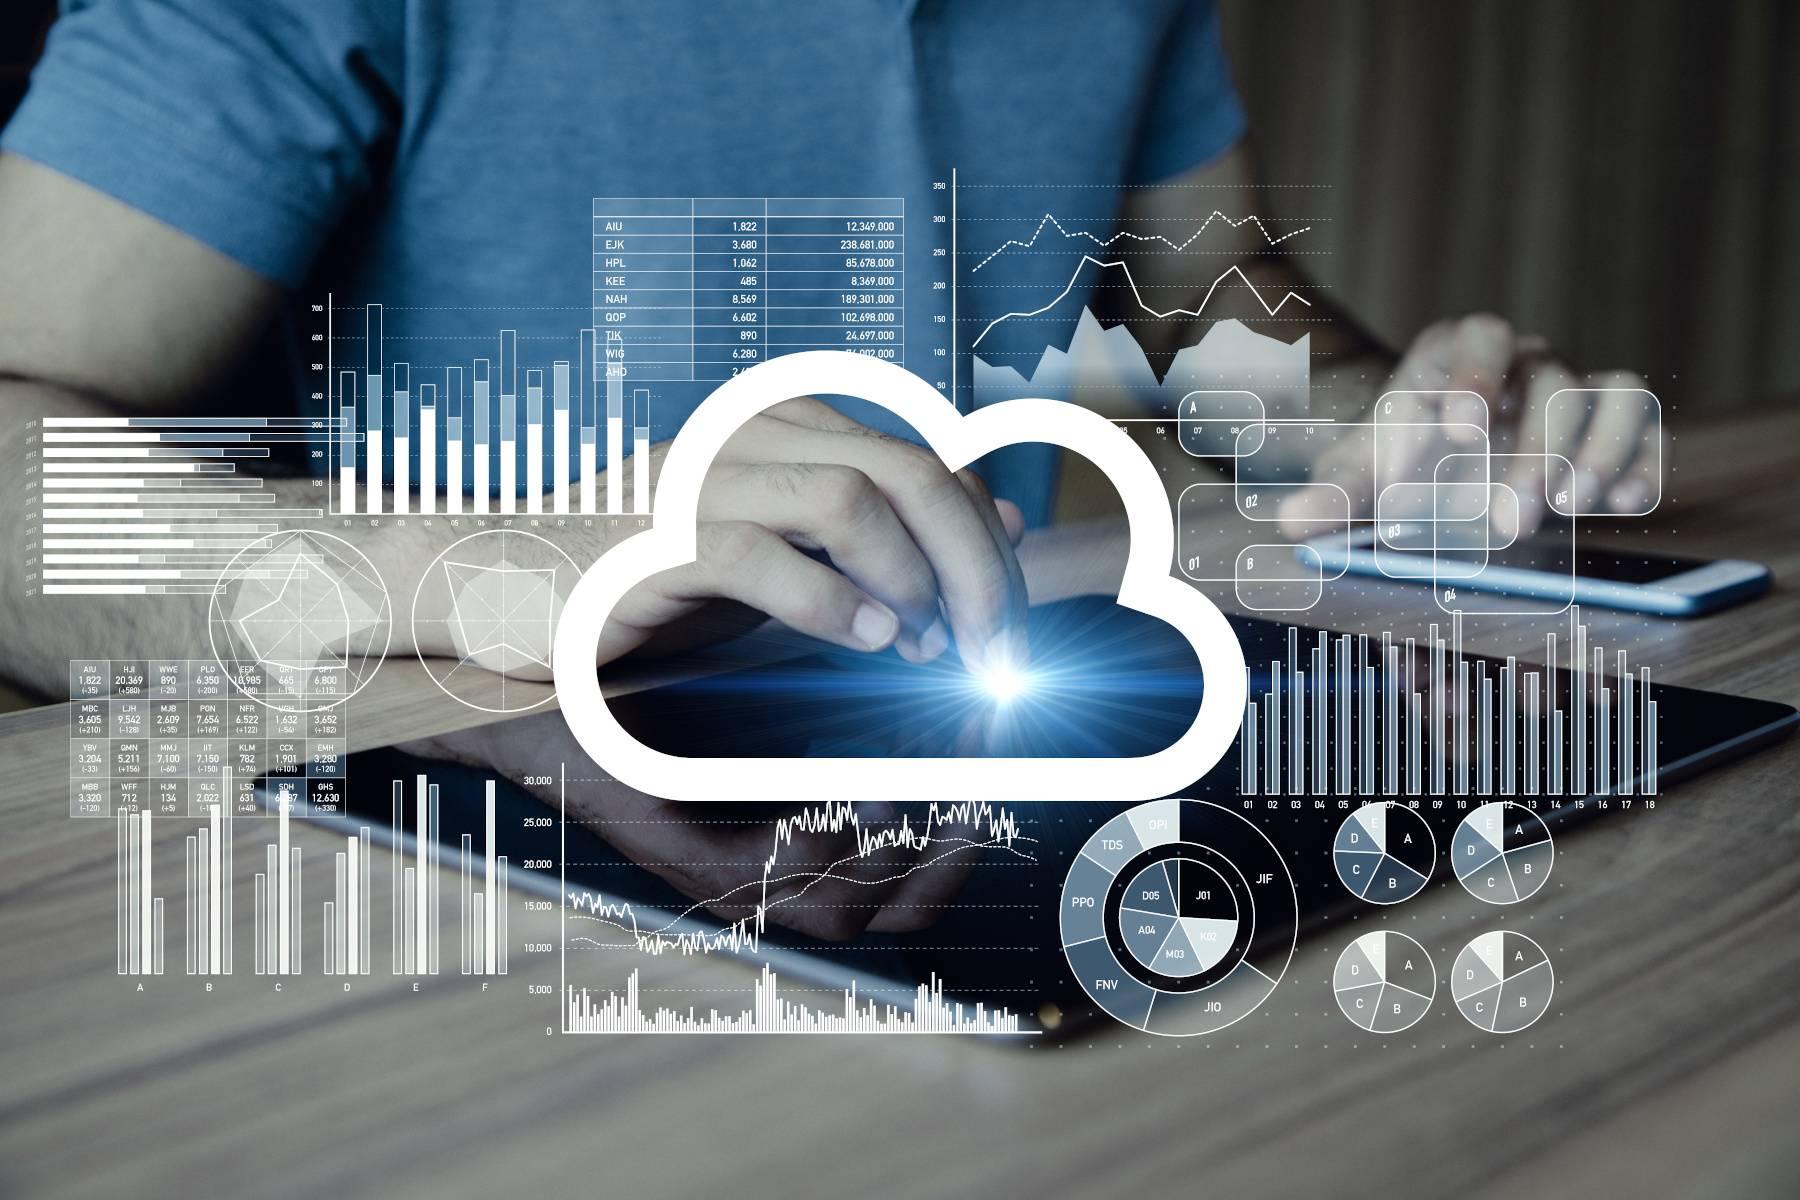 Baza danych w chmurze